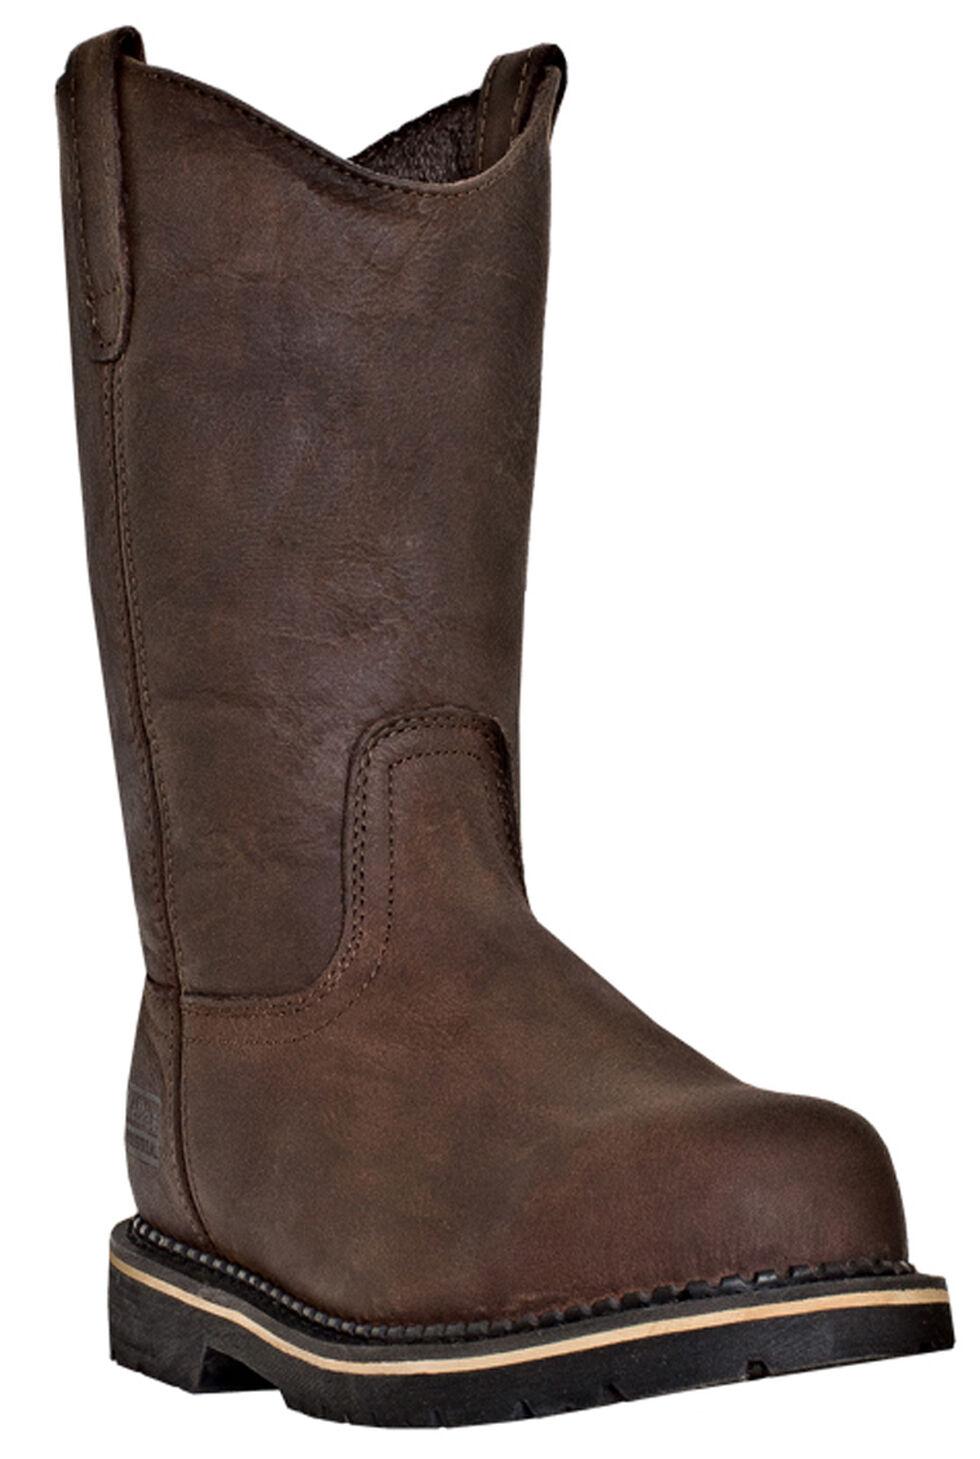 McRae Men's Ruff Rider Wellington Work Boots - Steel Toe , Dark Brown, hi-res